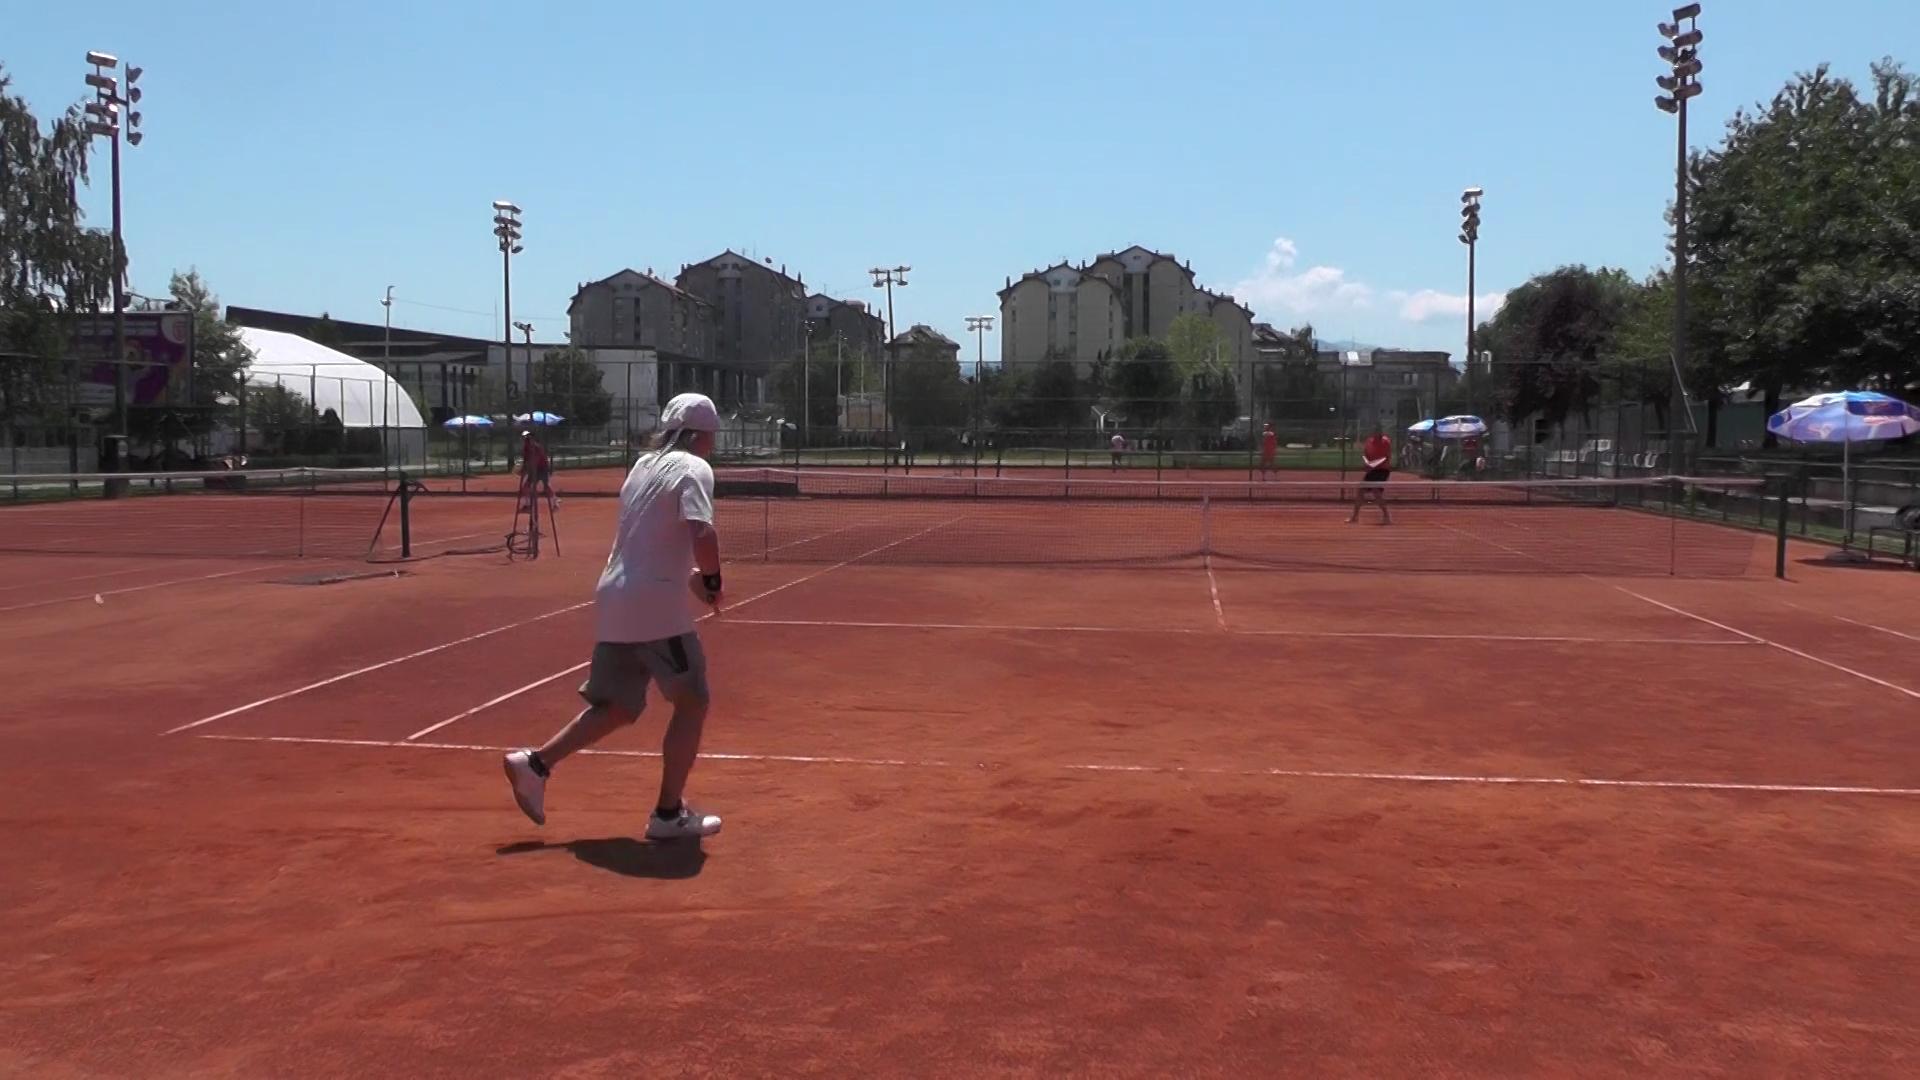 Tradicionalni teniski turnir u okviru proslave Vidovdana